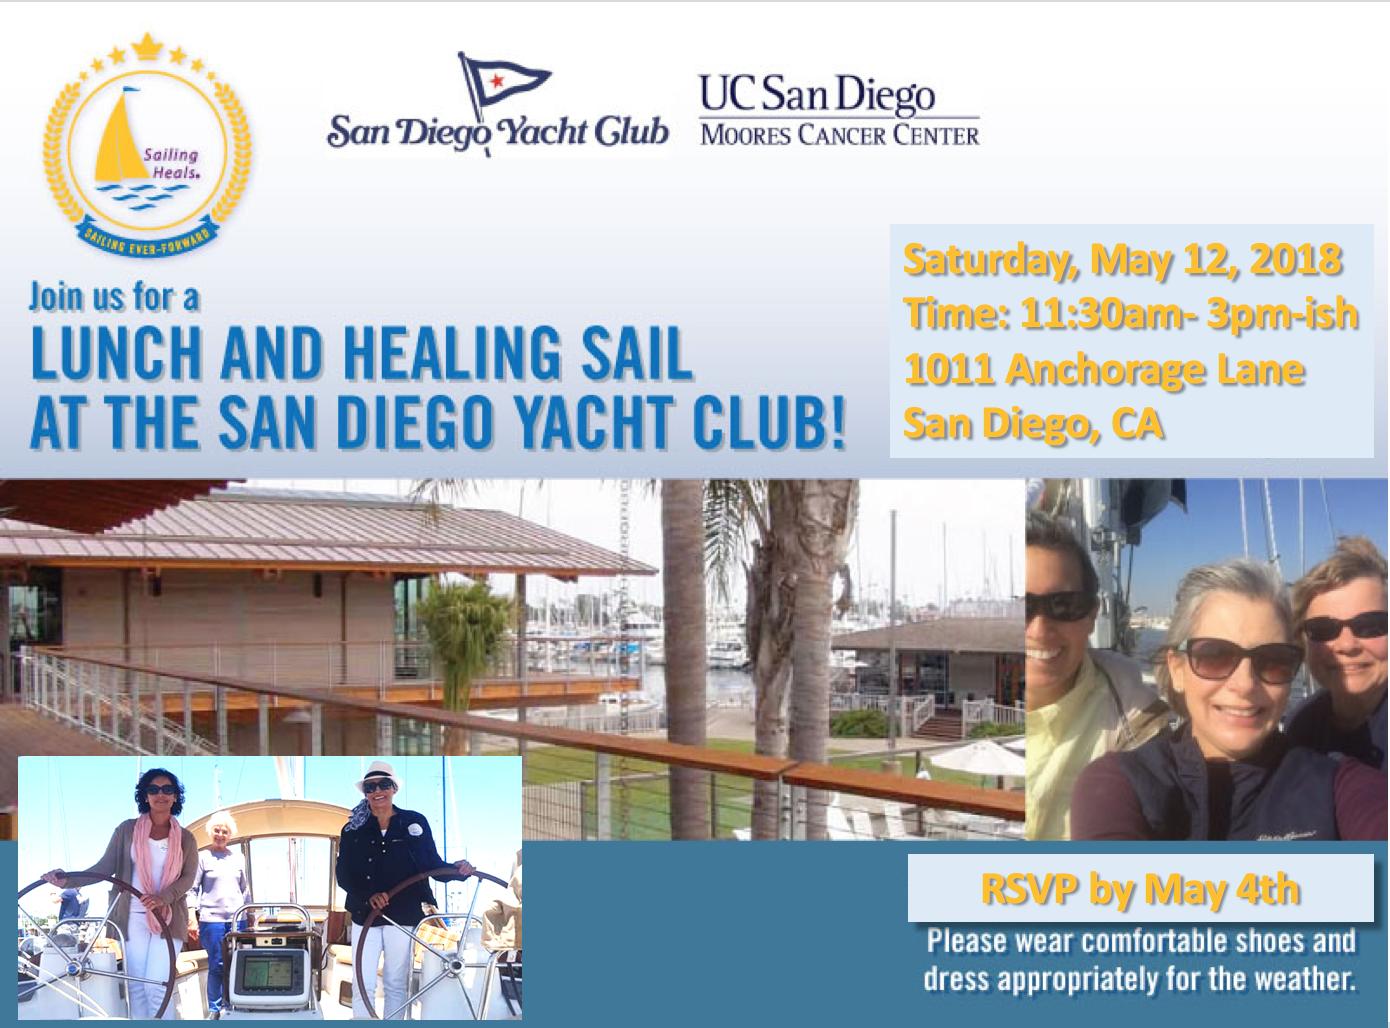 5/12/18 San Diego Yacht Club